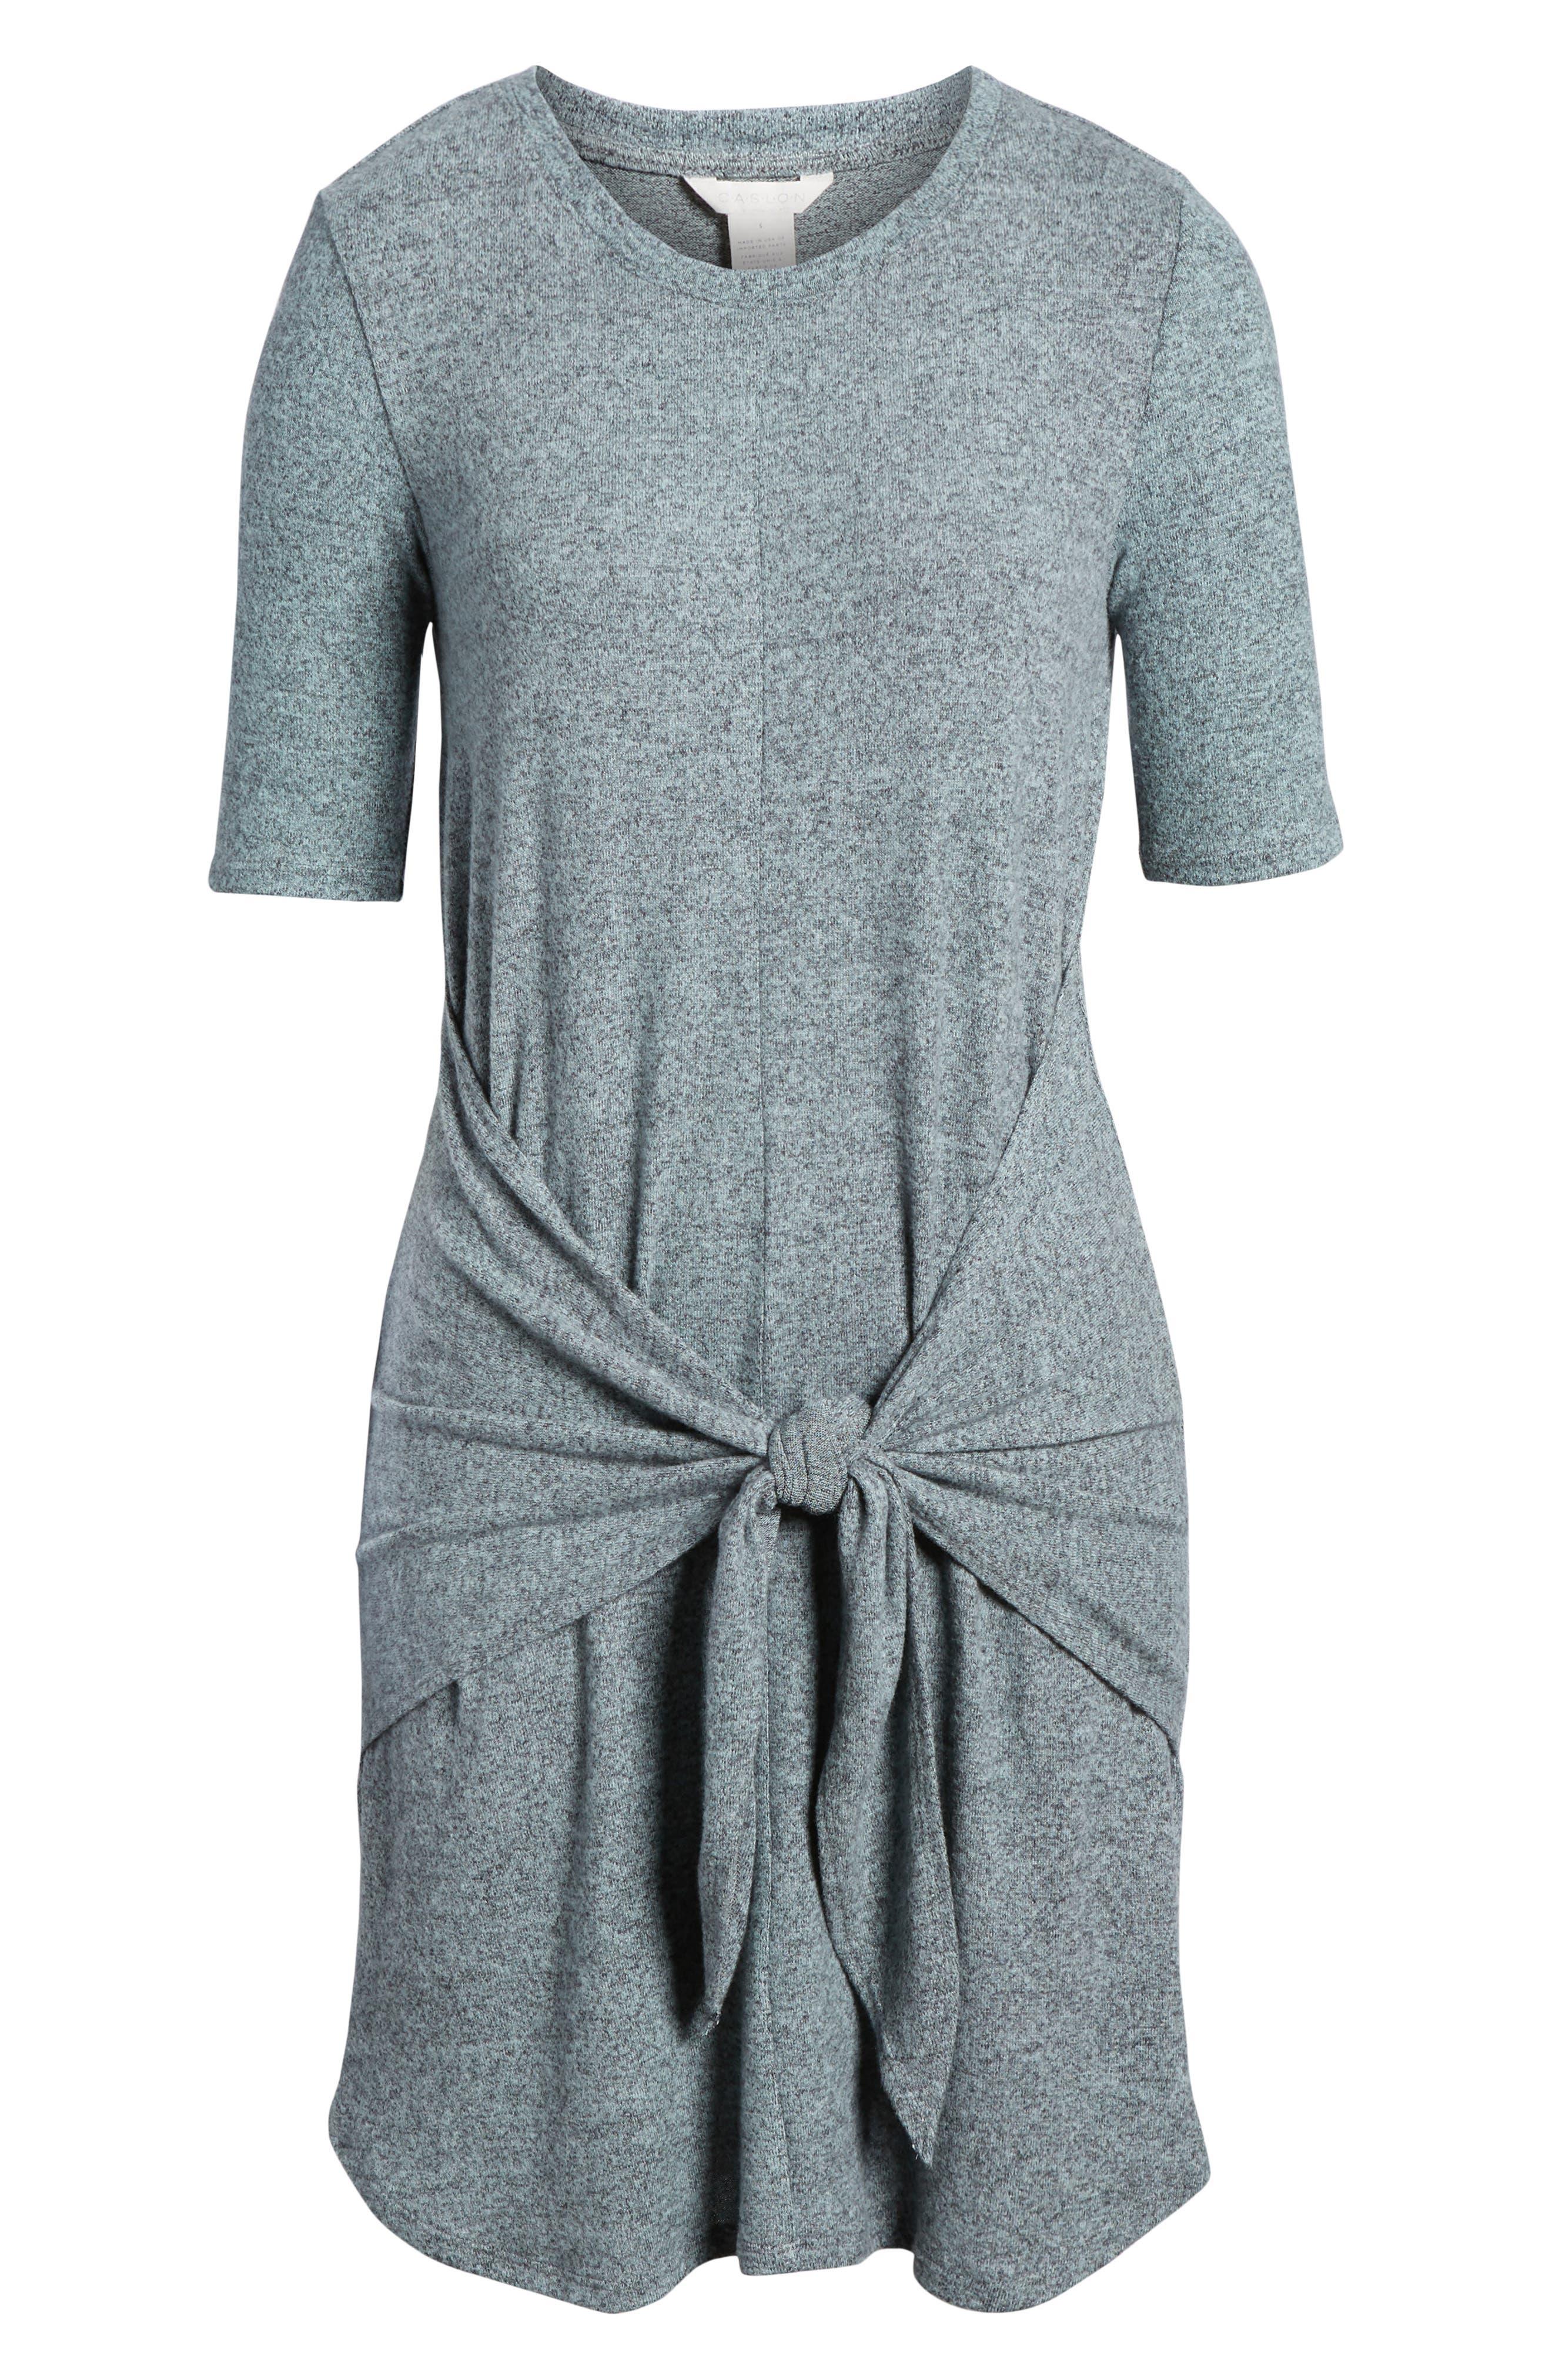 Caslon Off-Duty Tie Front Knit Dress,                             Alternate thumbnail 18, color,